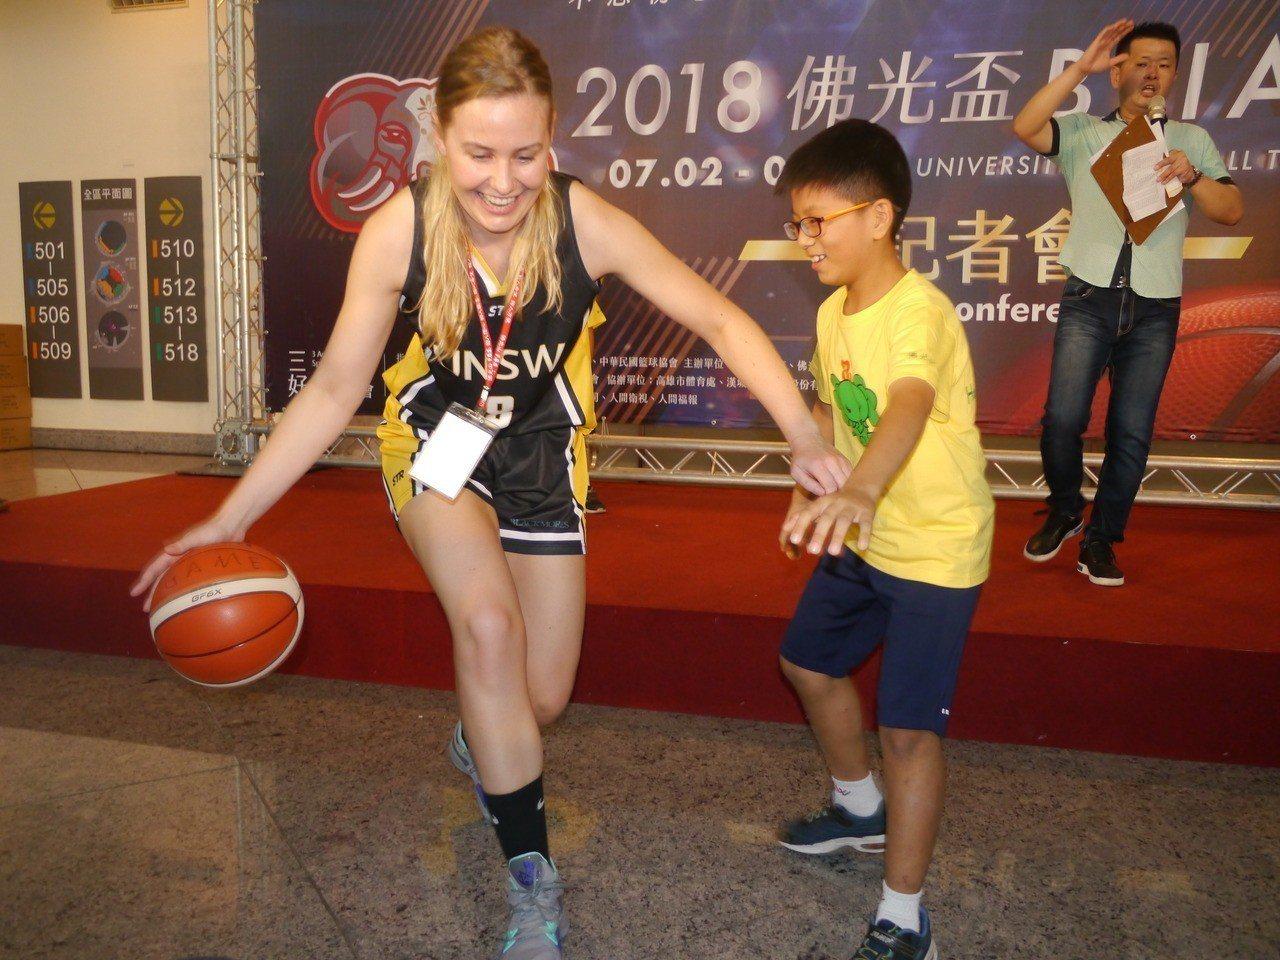 身高190公分的籃球女將跟現場小朋友互動,小朋友根本搶不到球。記者徐白櫻/攝影